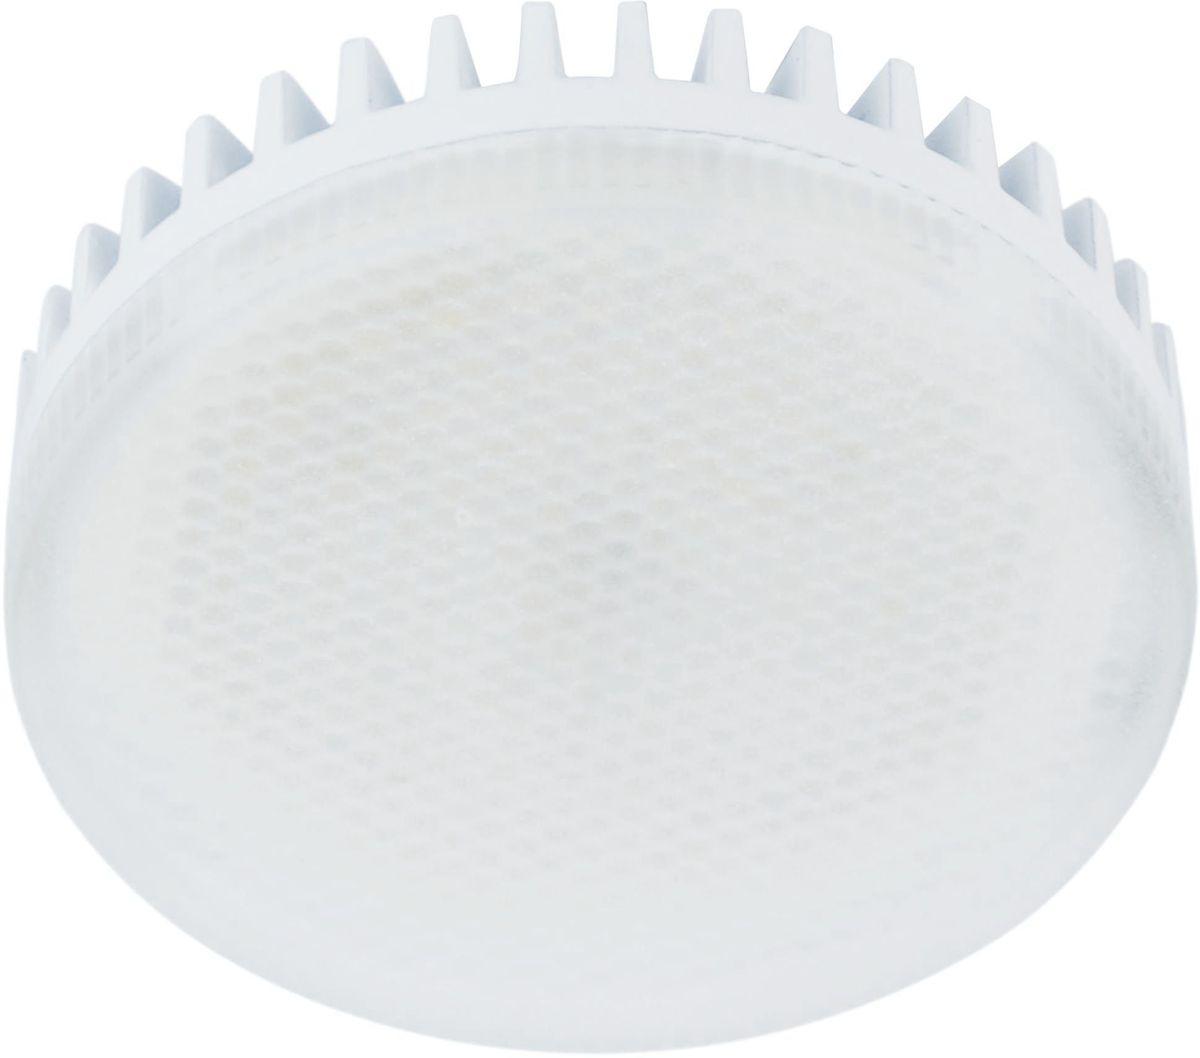 Лампа светодиодная REV, холодный свет, цоколь GX53, 8W32566 6Энергосберегающая светодиодная лампа в форме шайба холодного свечения. Потребляемая мощность 8Вт. Интенсивность свечения аналогична обычной лампе накаливания мощностью 75Вт. Цоколь GX53. Срок службы 30000 час. Световой поток 640Лм, цветовая температура 4000К.